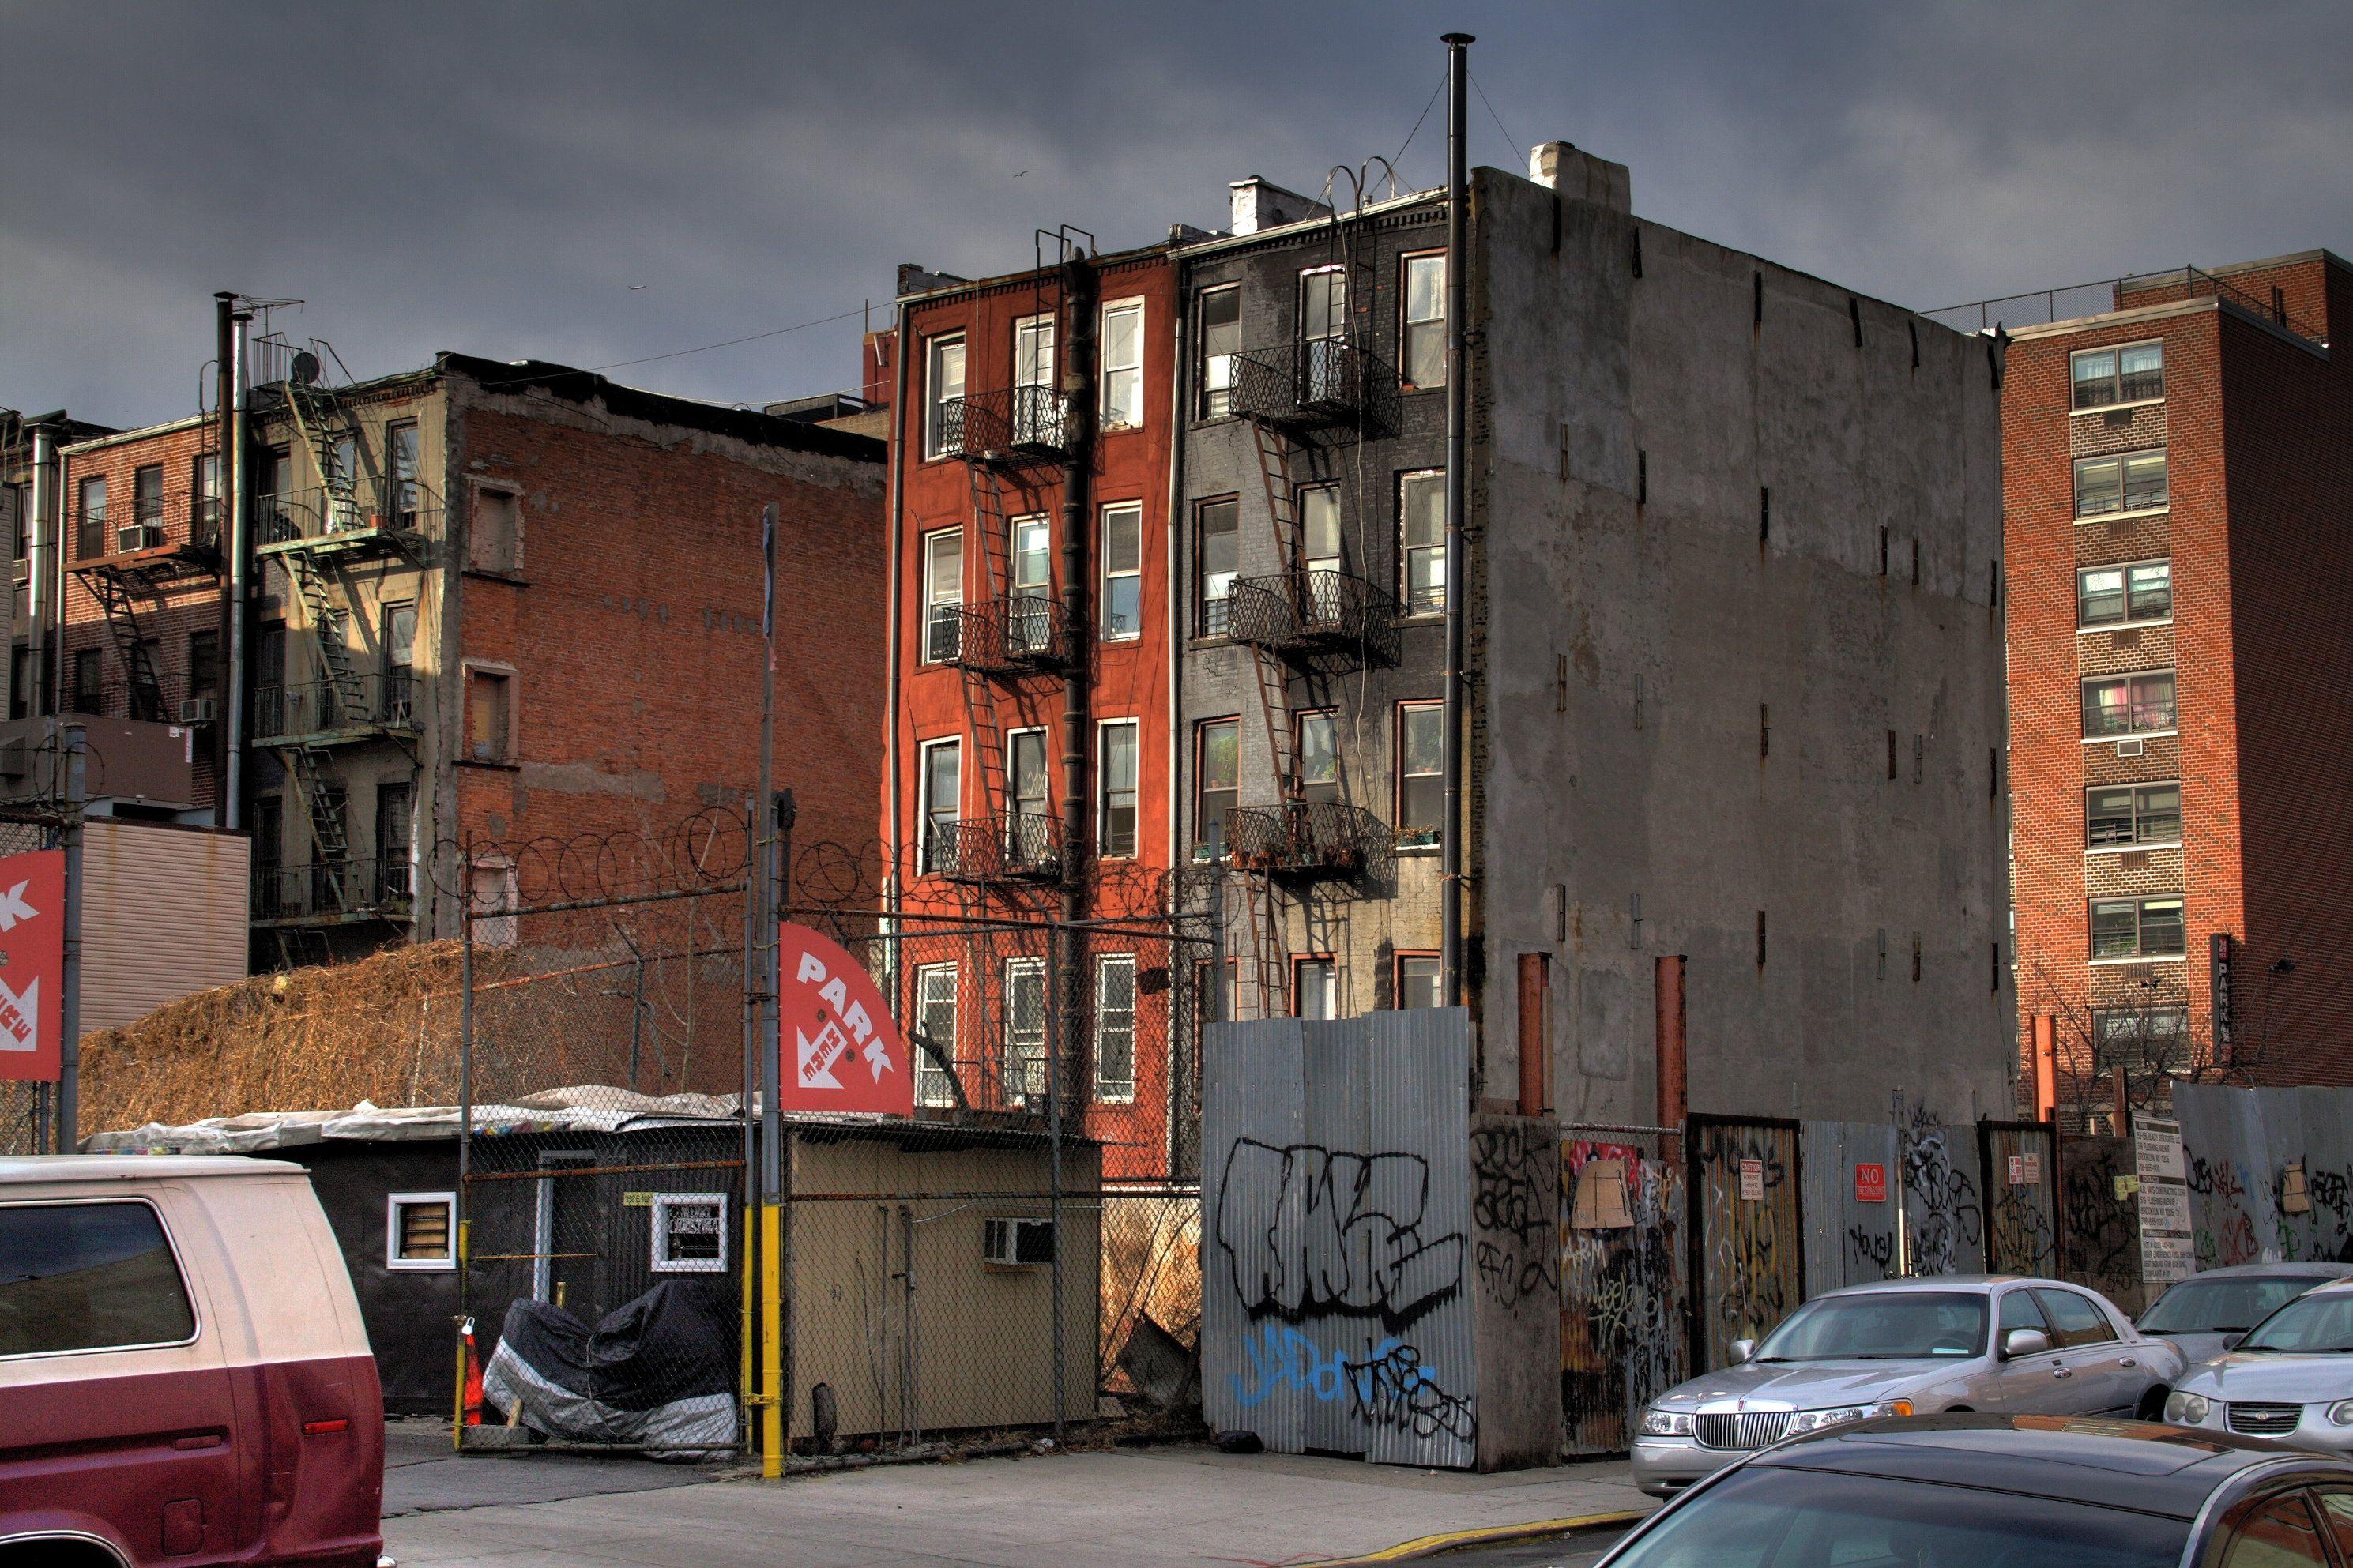 Αποτέλεσμα εικόνας για harlem ghetto